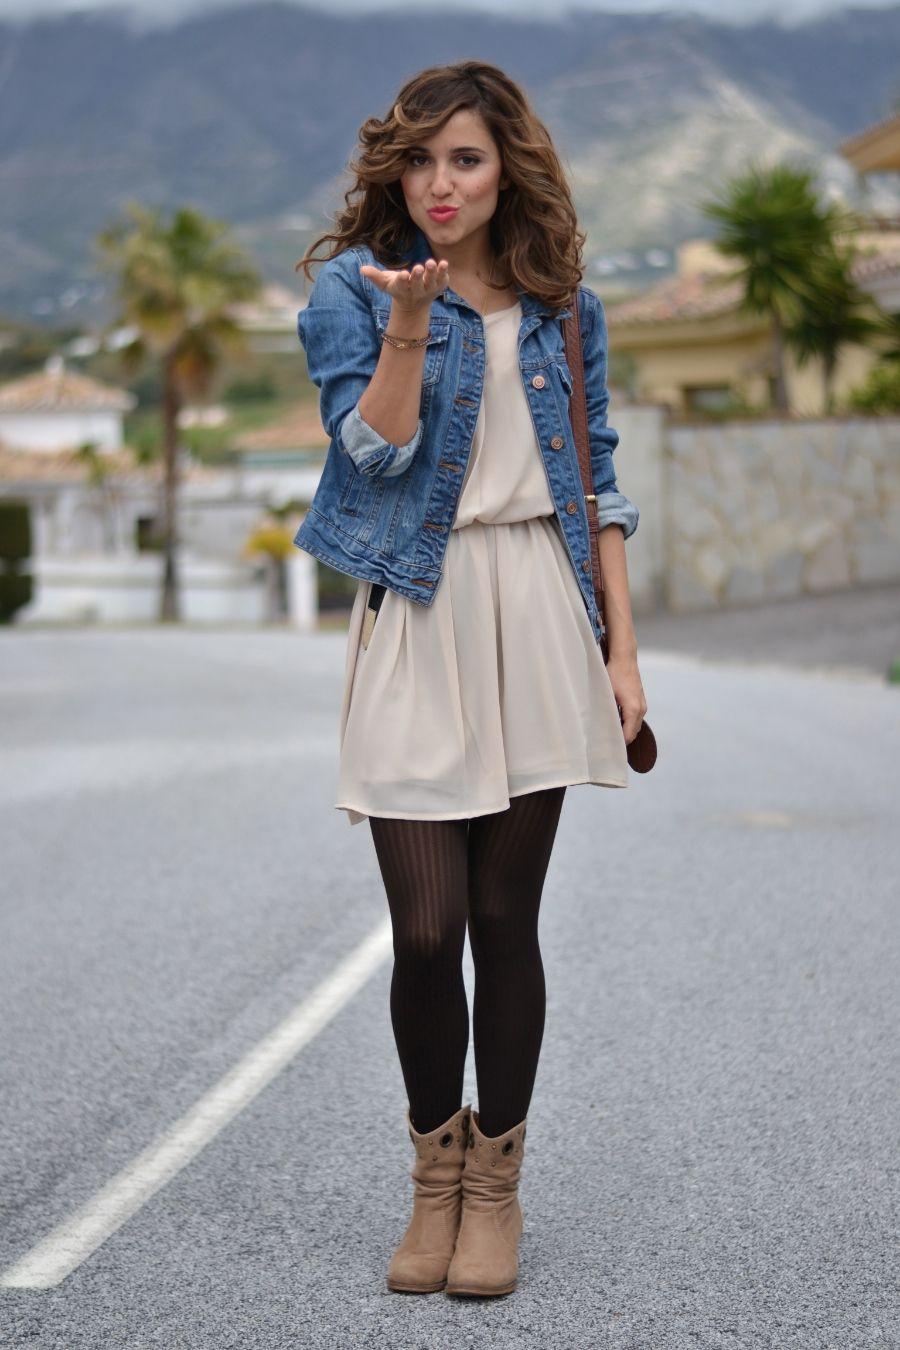 051ed7c2d vestido Beige, medias negras, botas y chamarra de mezclilla ...